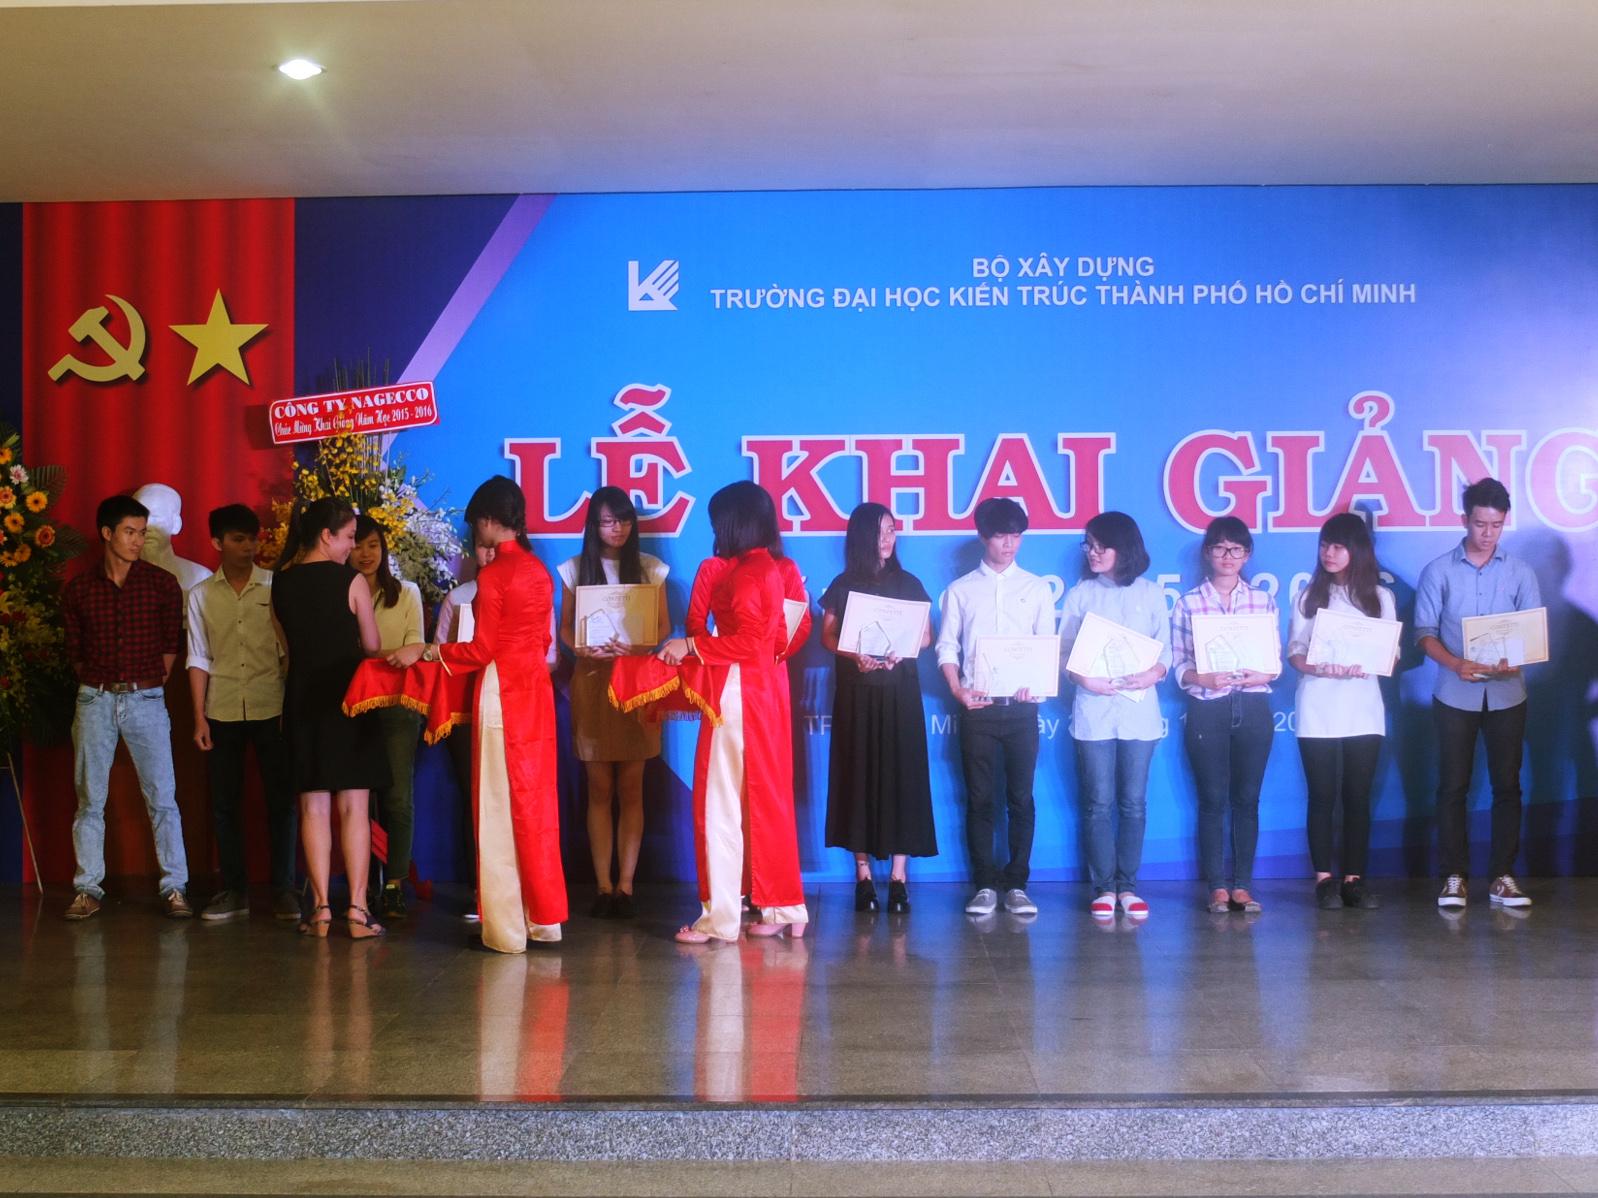 Giấy Lan Vi | Giấy Lan Vi trao tặng học bổng Confetti cho các bạn sinh viên khoa Mỹ Thuật Công Nghiệp